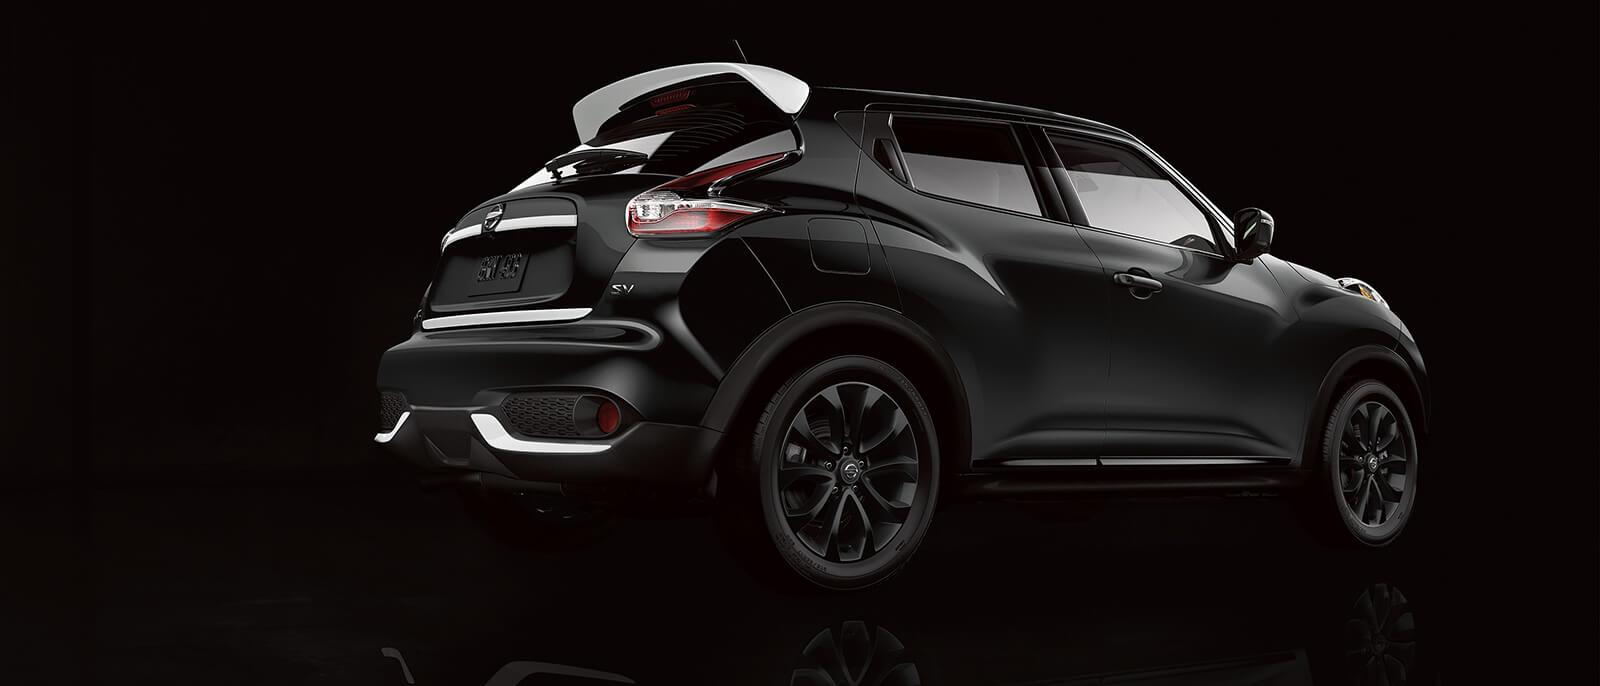 2017 Nissan Juke Black